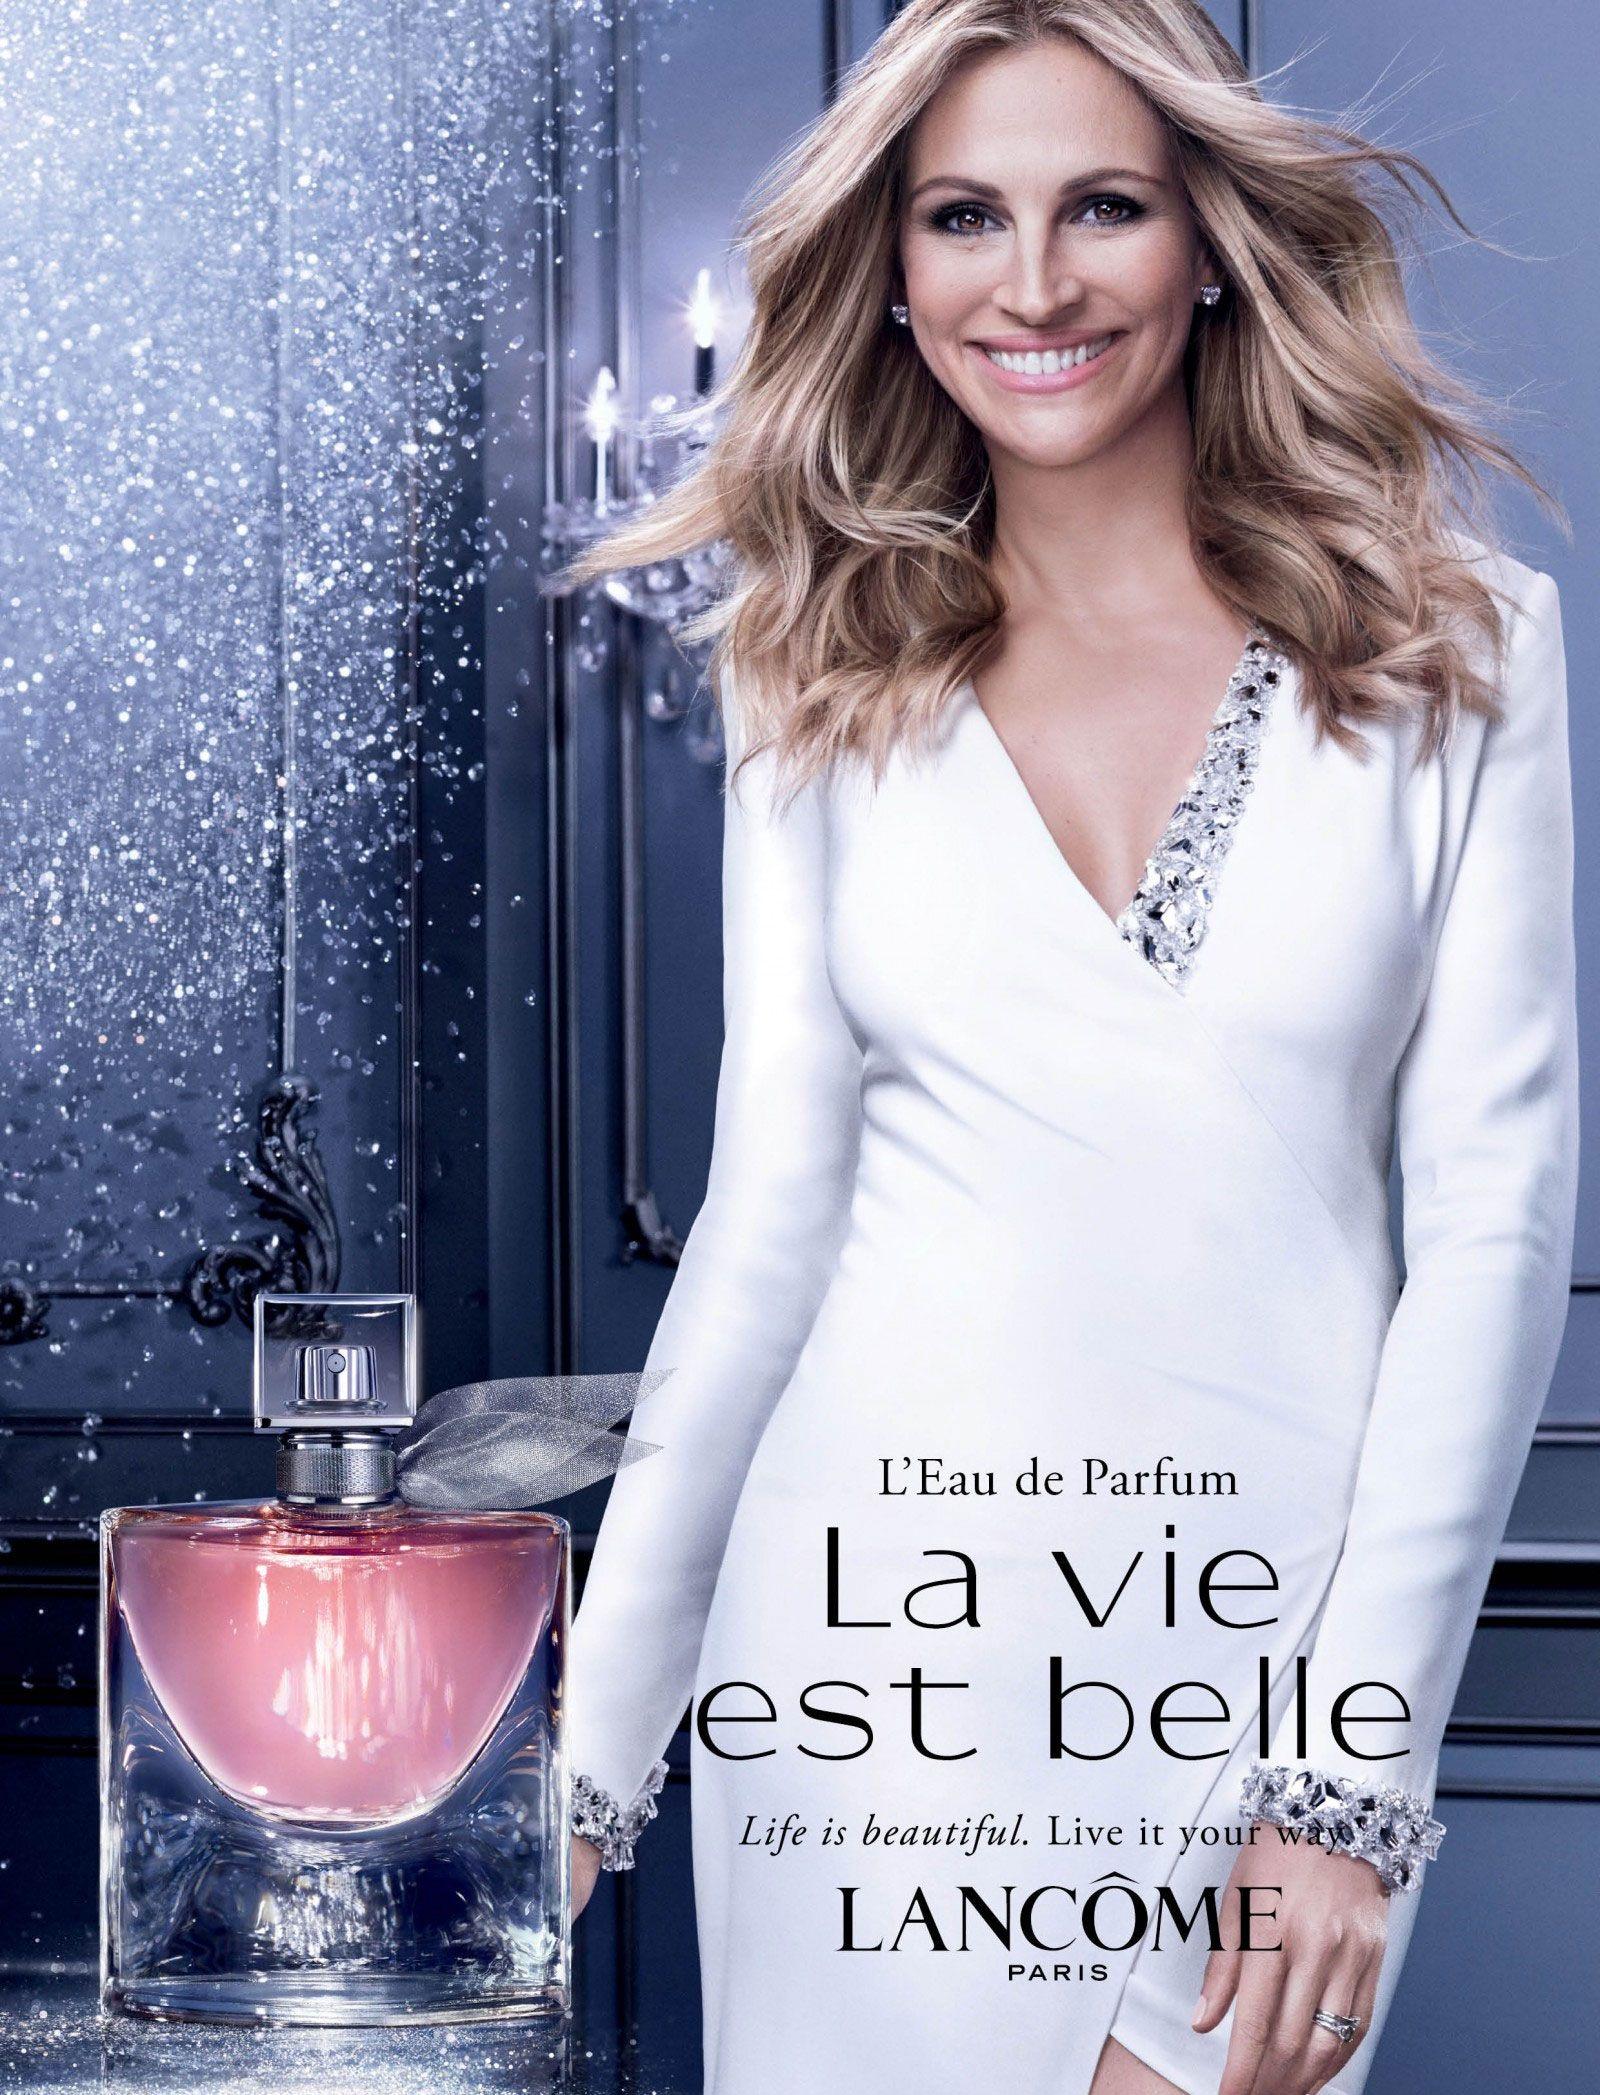 Julia Roberts Lancome Ad 2016 La Vie Est Belle Leau De Parfum